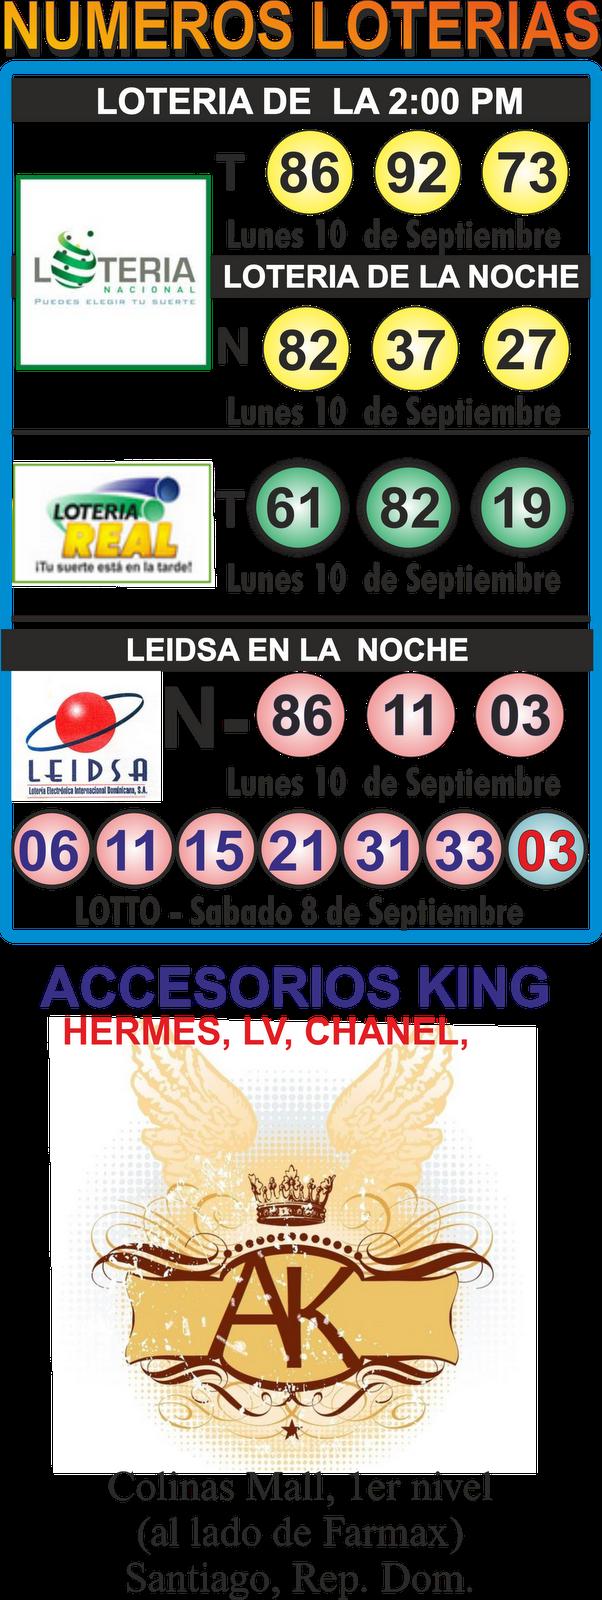 Jpeg numeros ganadores de hoy de las loterias de republica dominicana